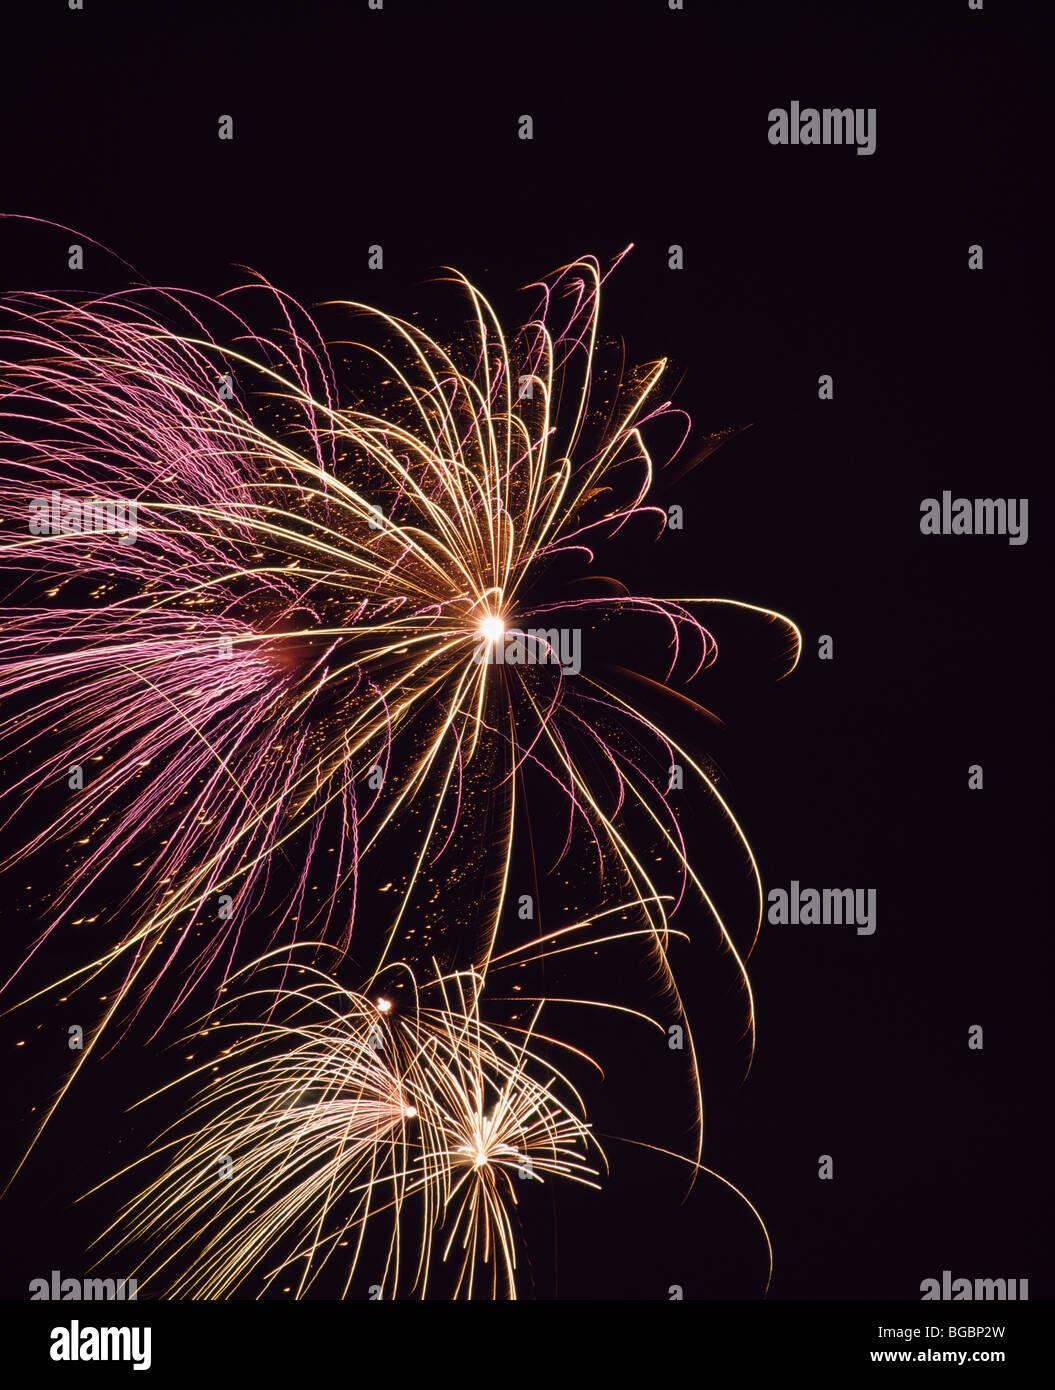 Feuerwerk; Internationaler Feuerwerkswettbewerb in Montreal, Quebec, Kanada Stockbild